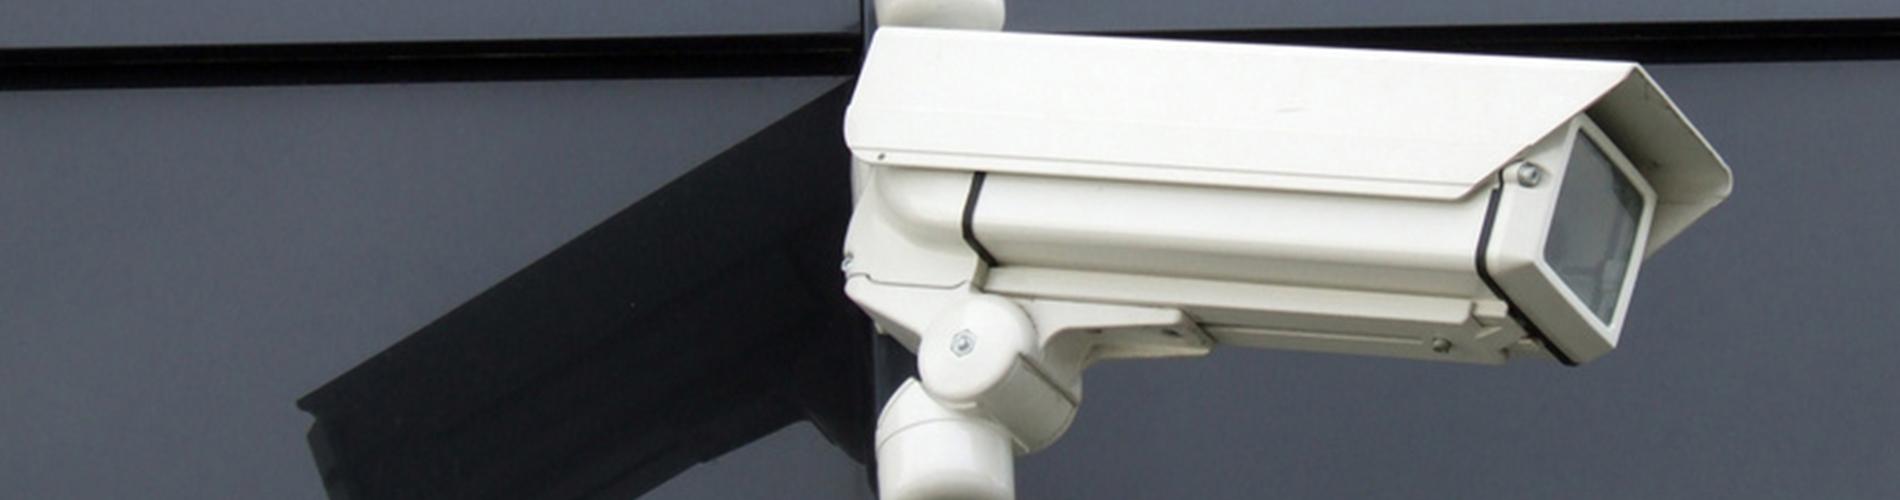 diesnox Sicherheitsservices Objektbewachung Objektschutz München